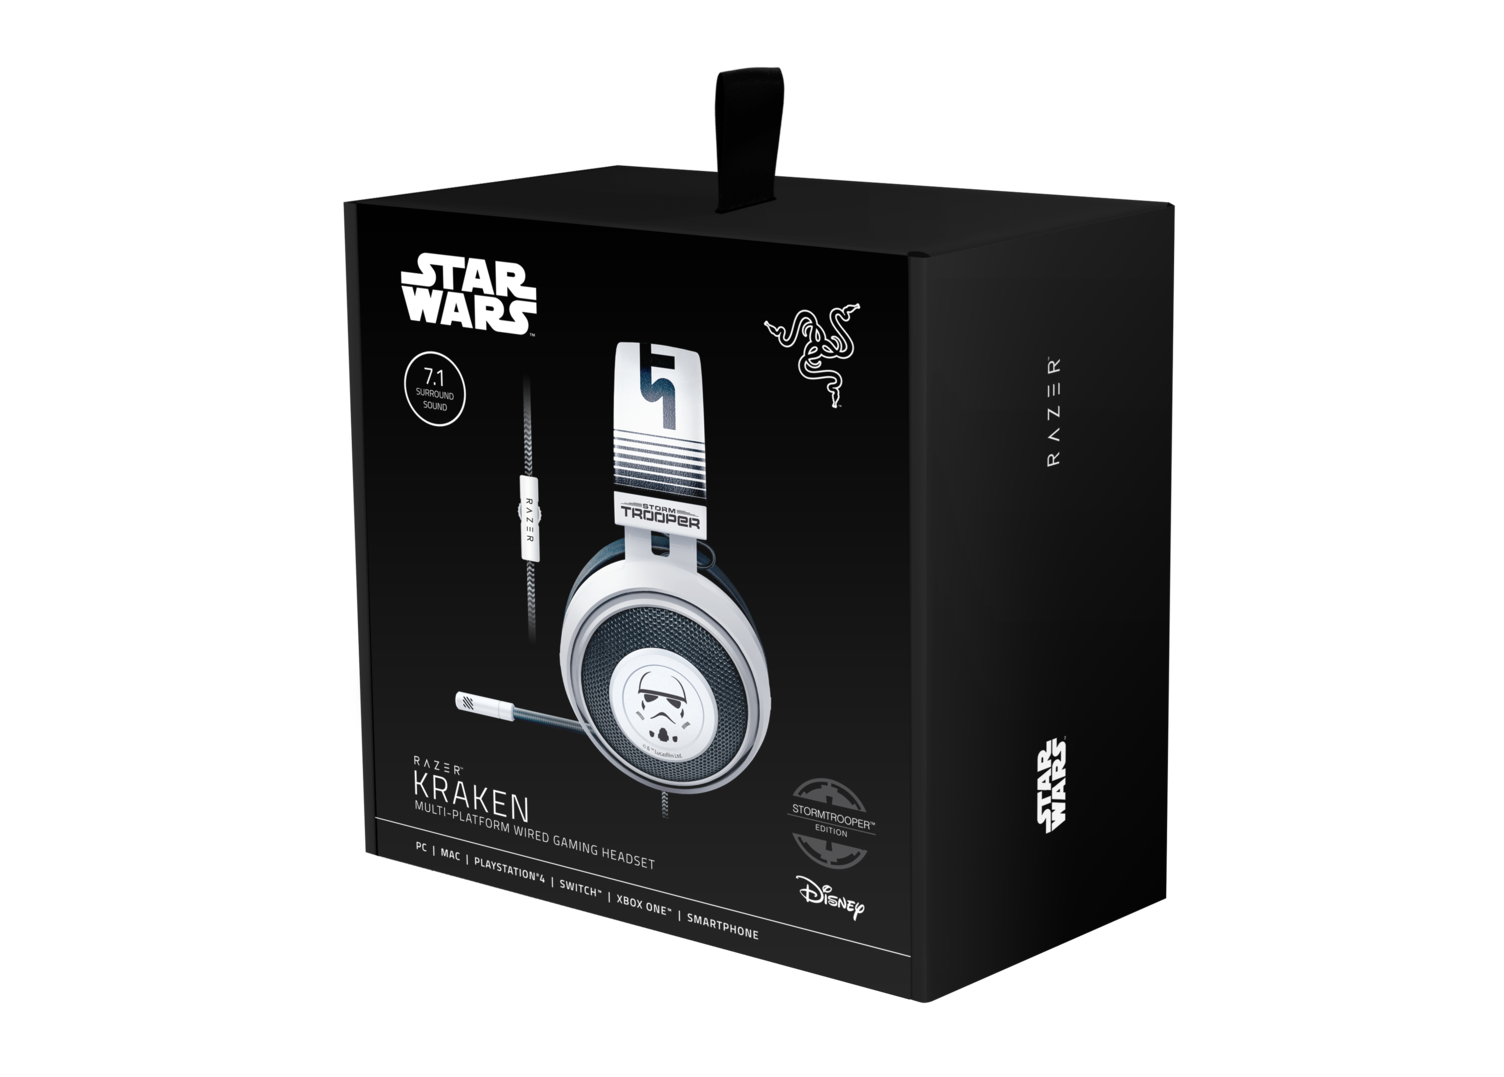 NdP - Muestra tu lealtad al Imperio Galáctico con los auriculares Kraken Stormtrooper™ Edition